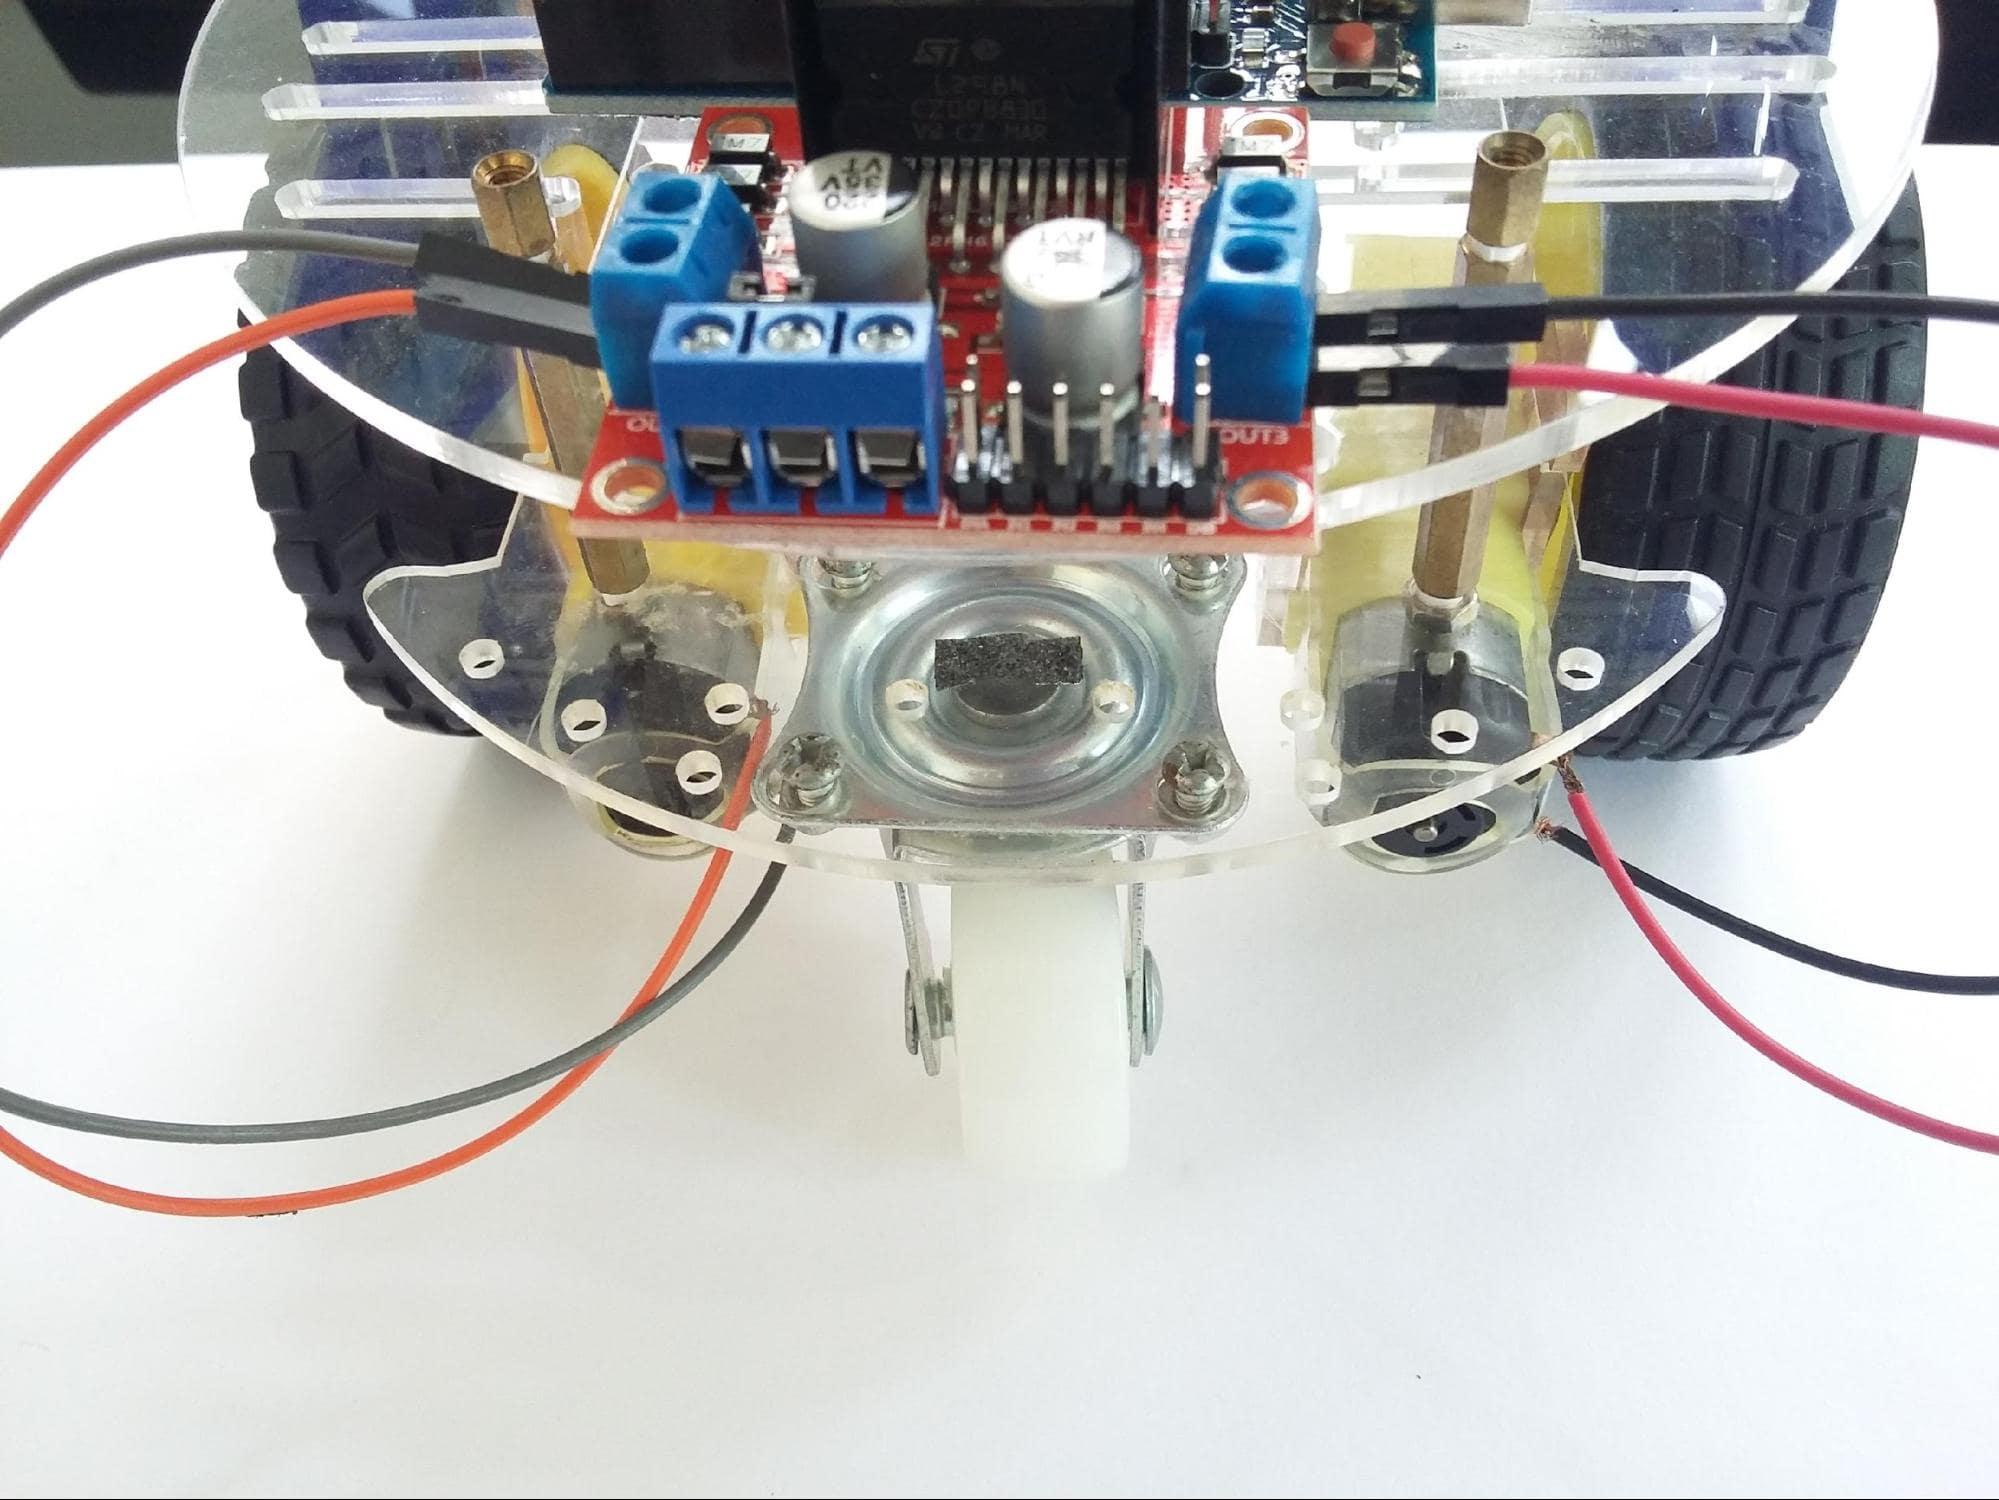 Arduino_Maze_Solver_JW_MP_image8.jpg